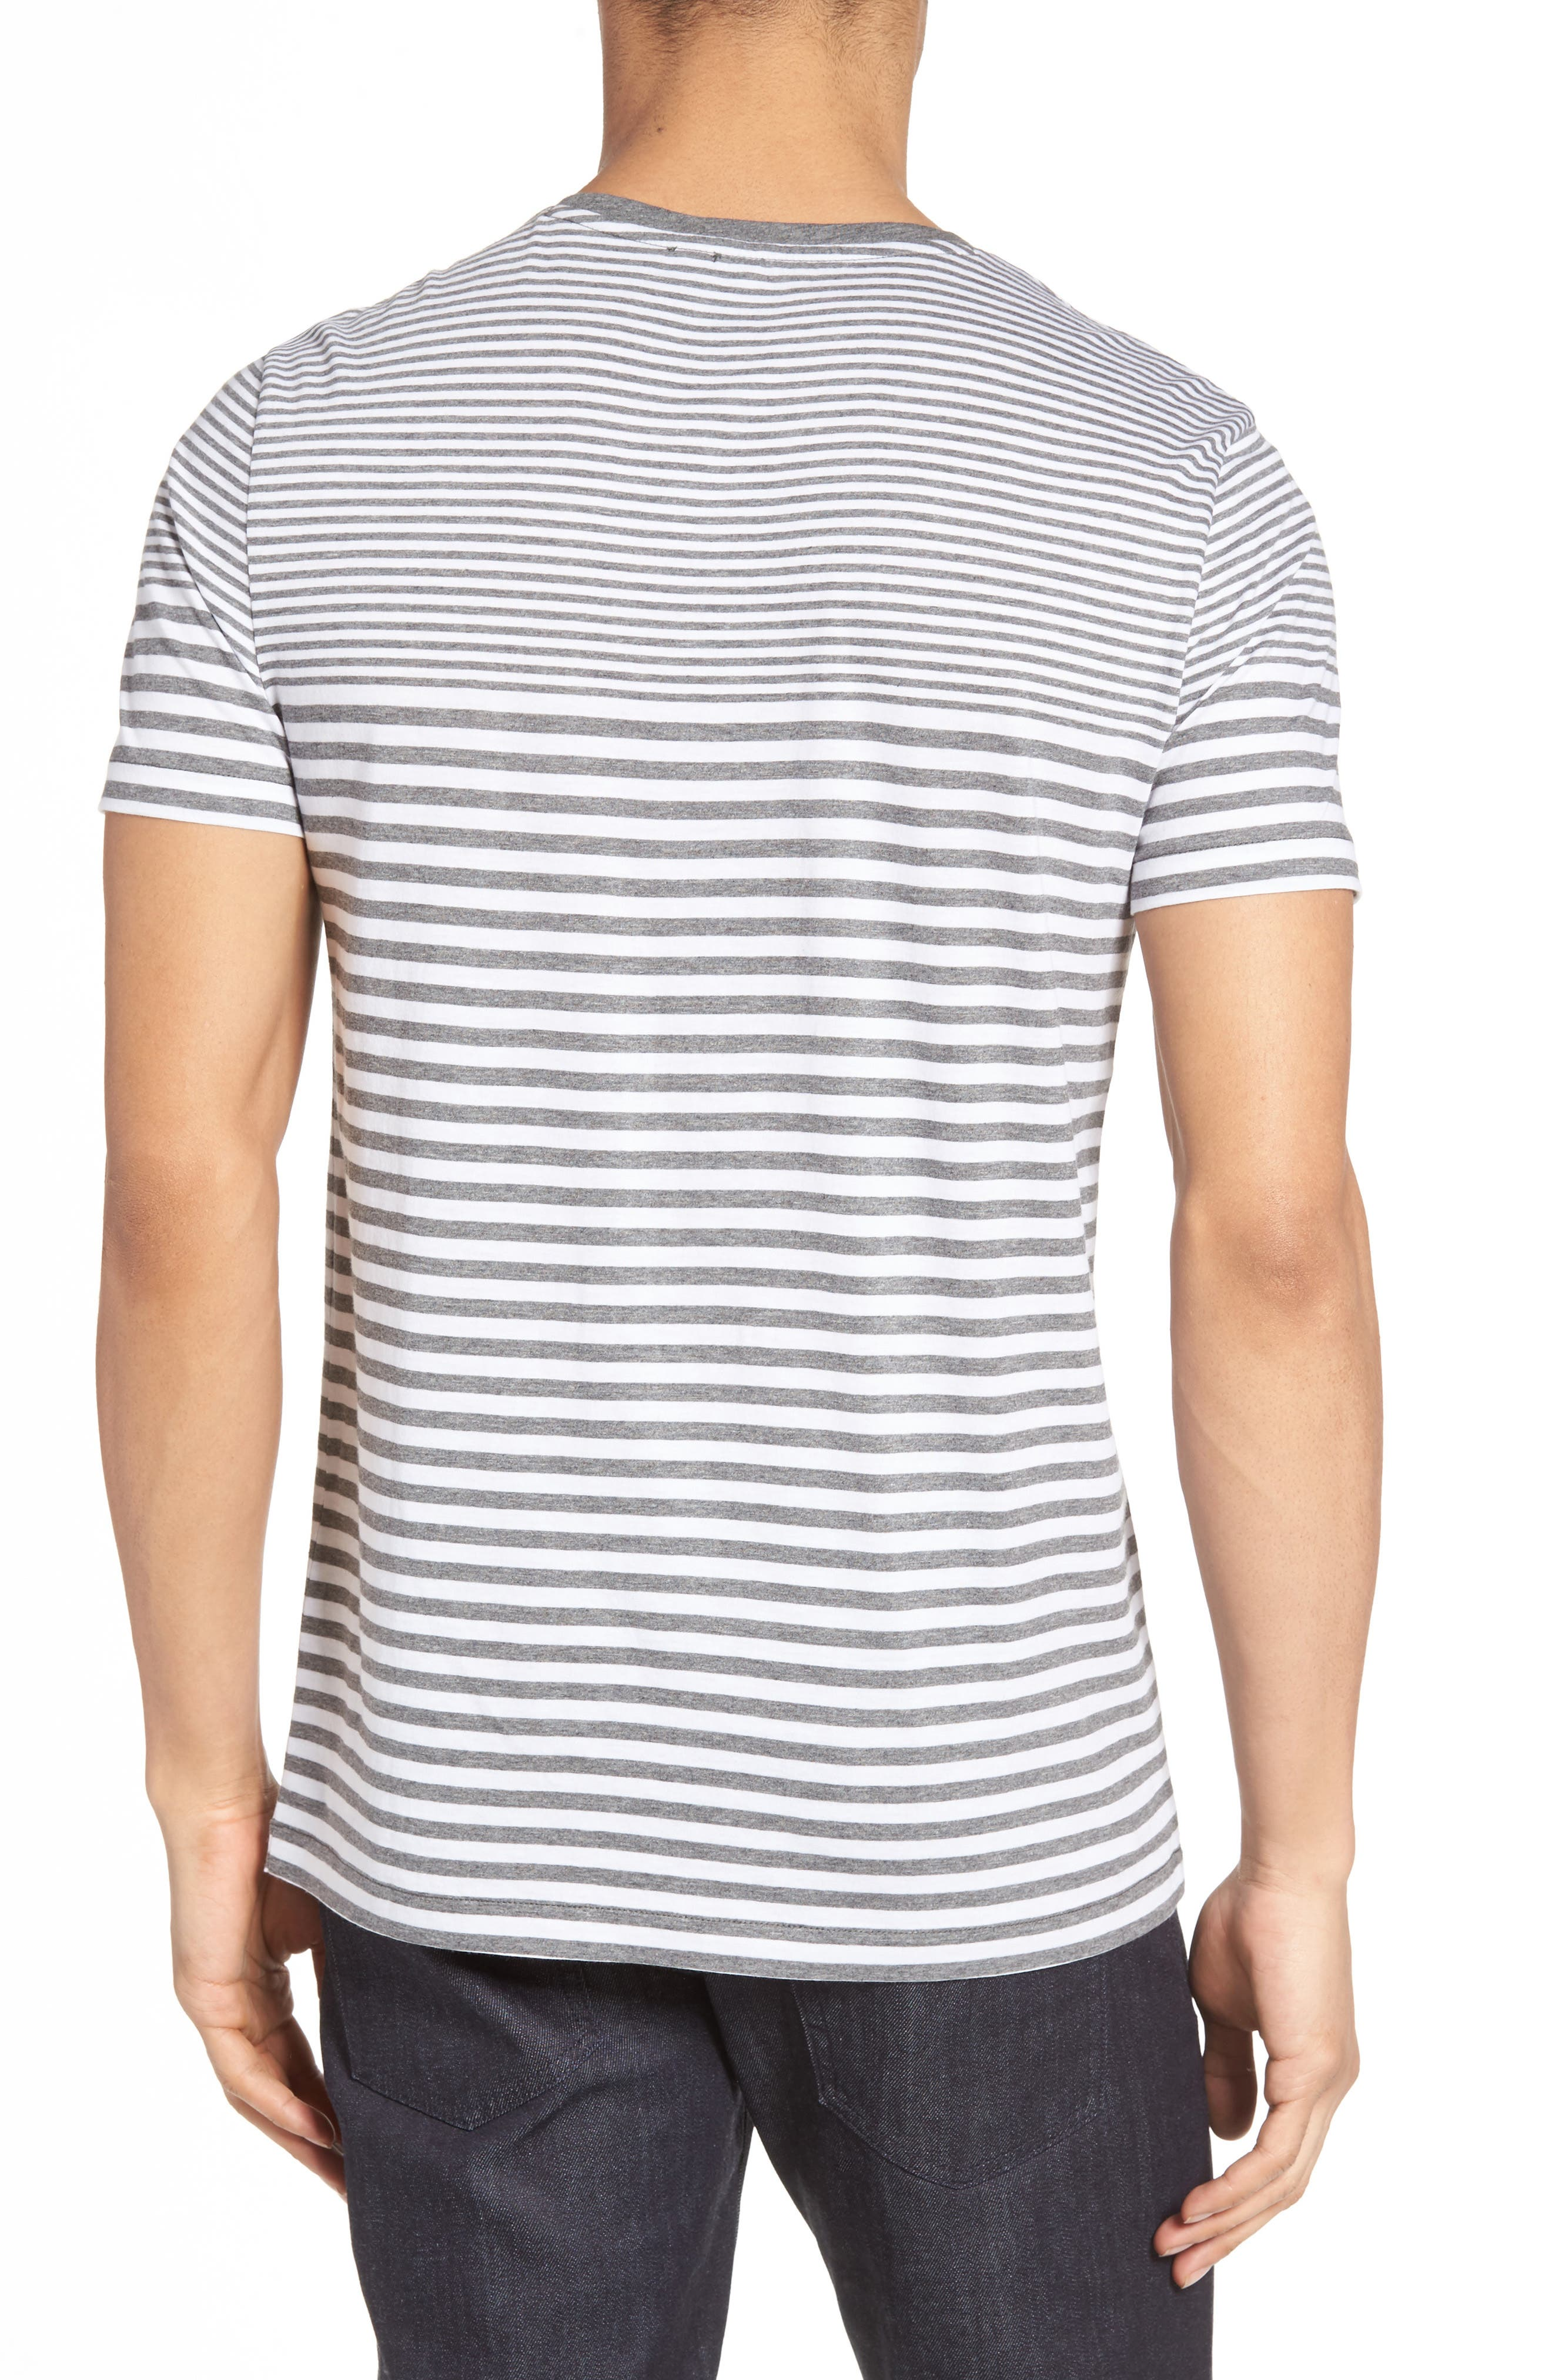 Tessler Slim Fit Stripe T-Shirt,                             Alternate thumbnail 2, color,                             030